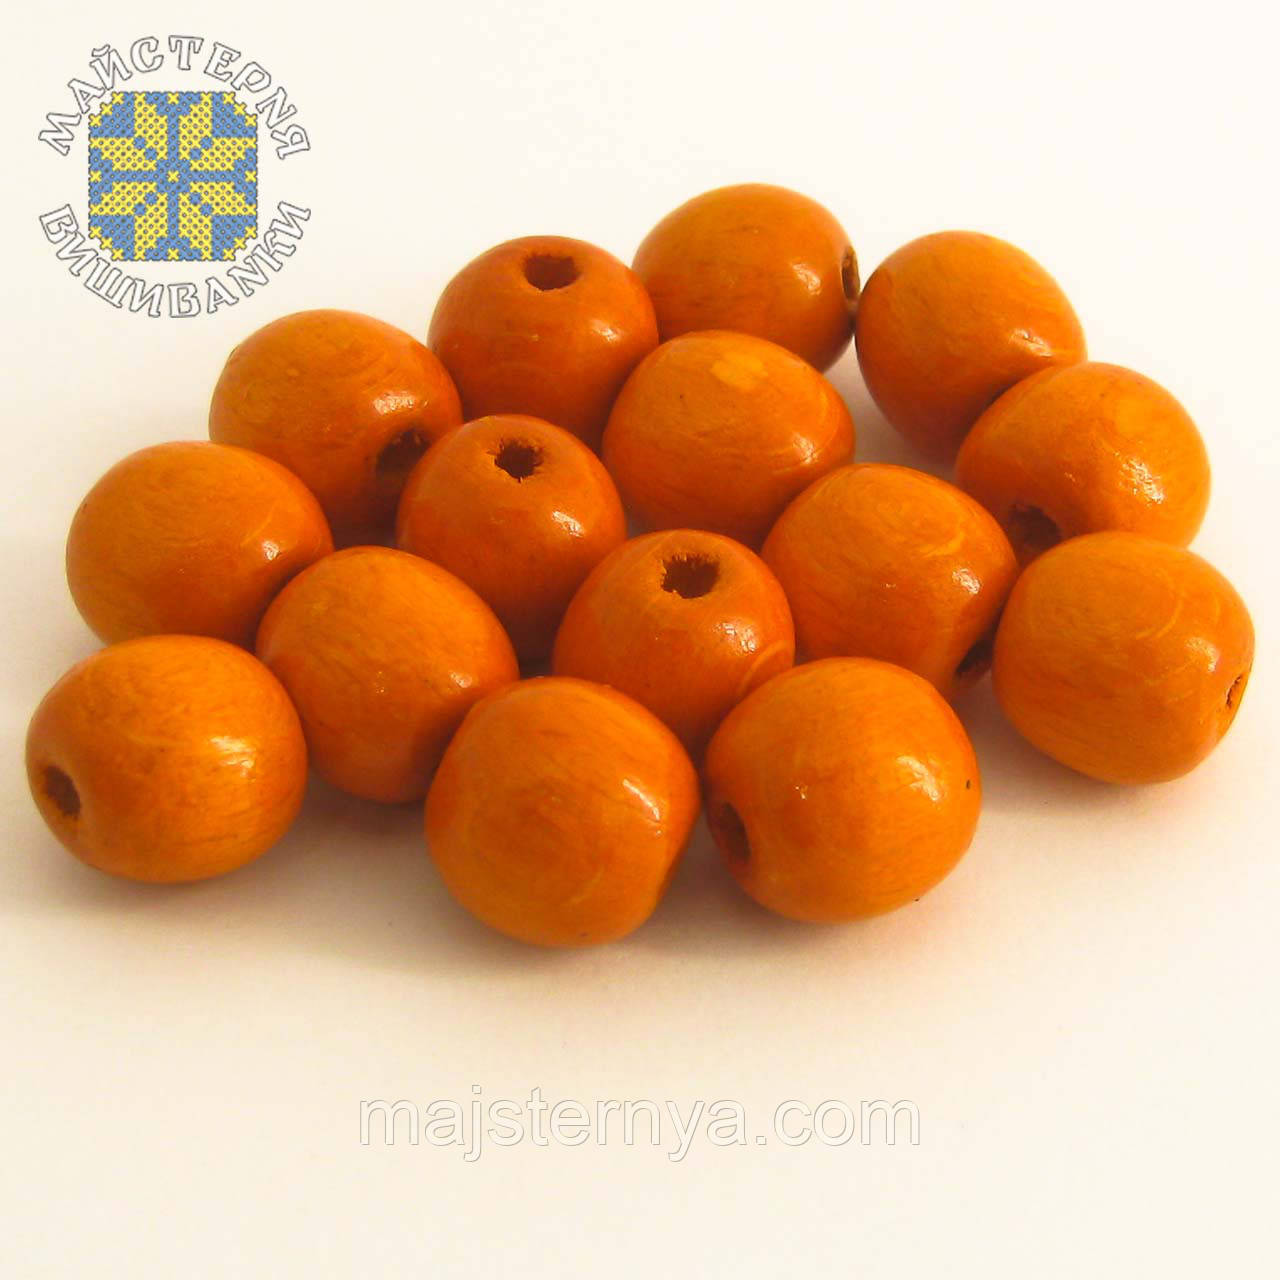 Дерев'яна намистина яна 13мм (дерев'яна яні намистини 100шт) помаранчевий